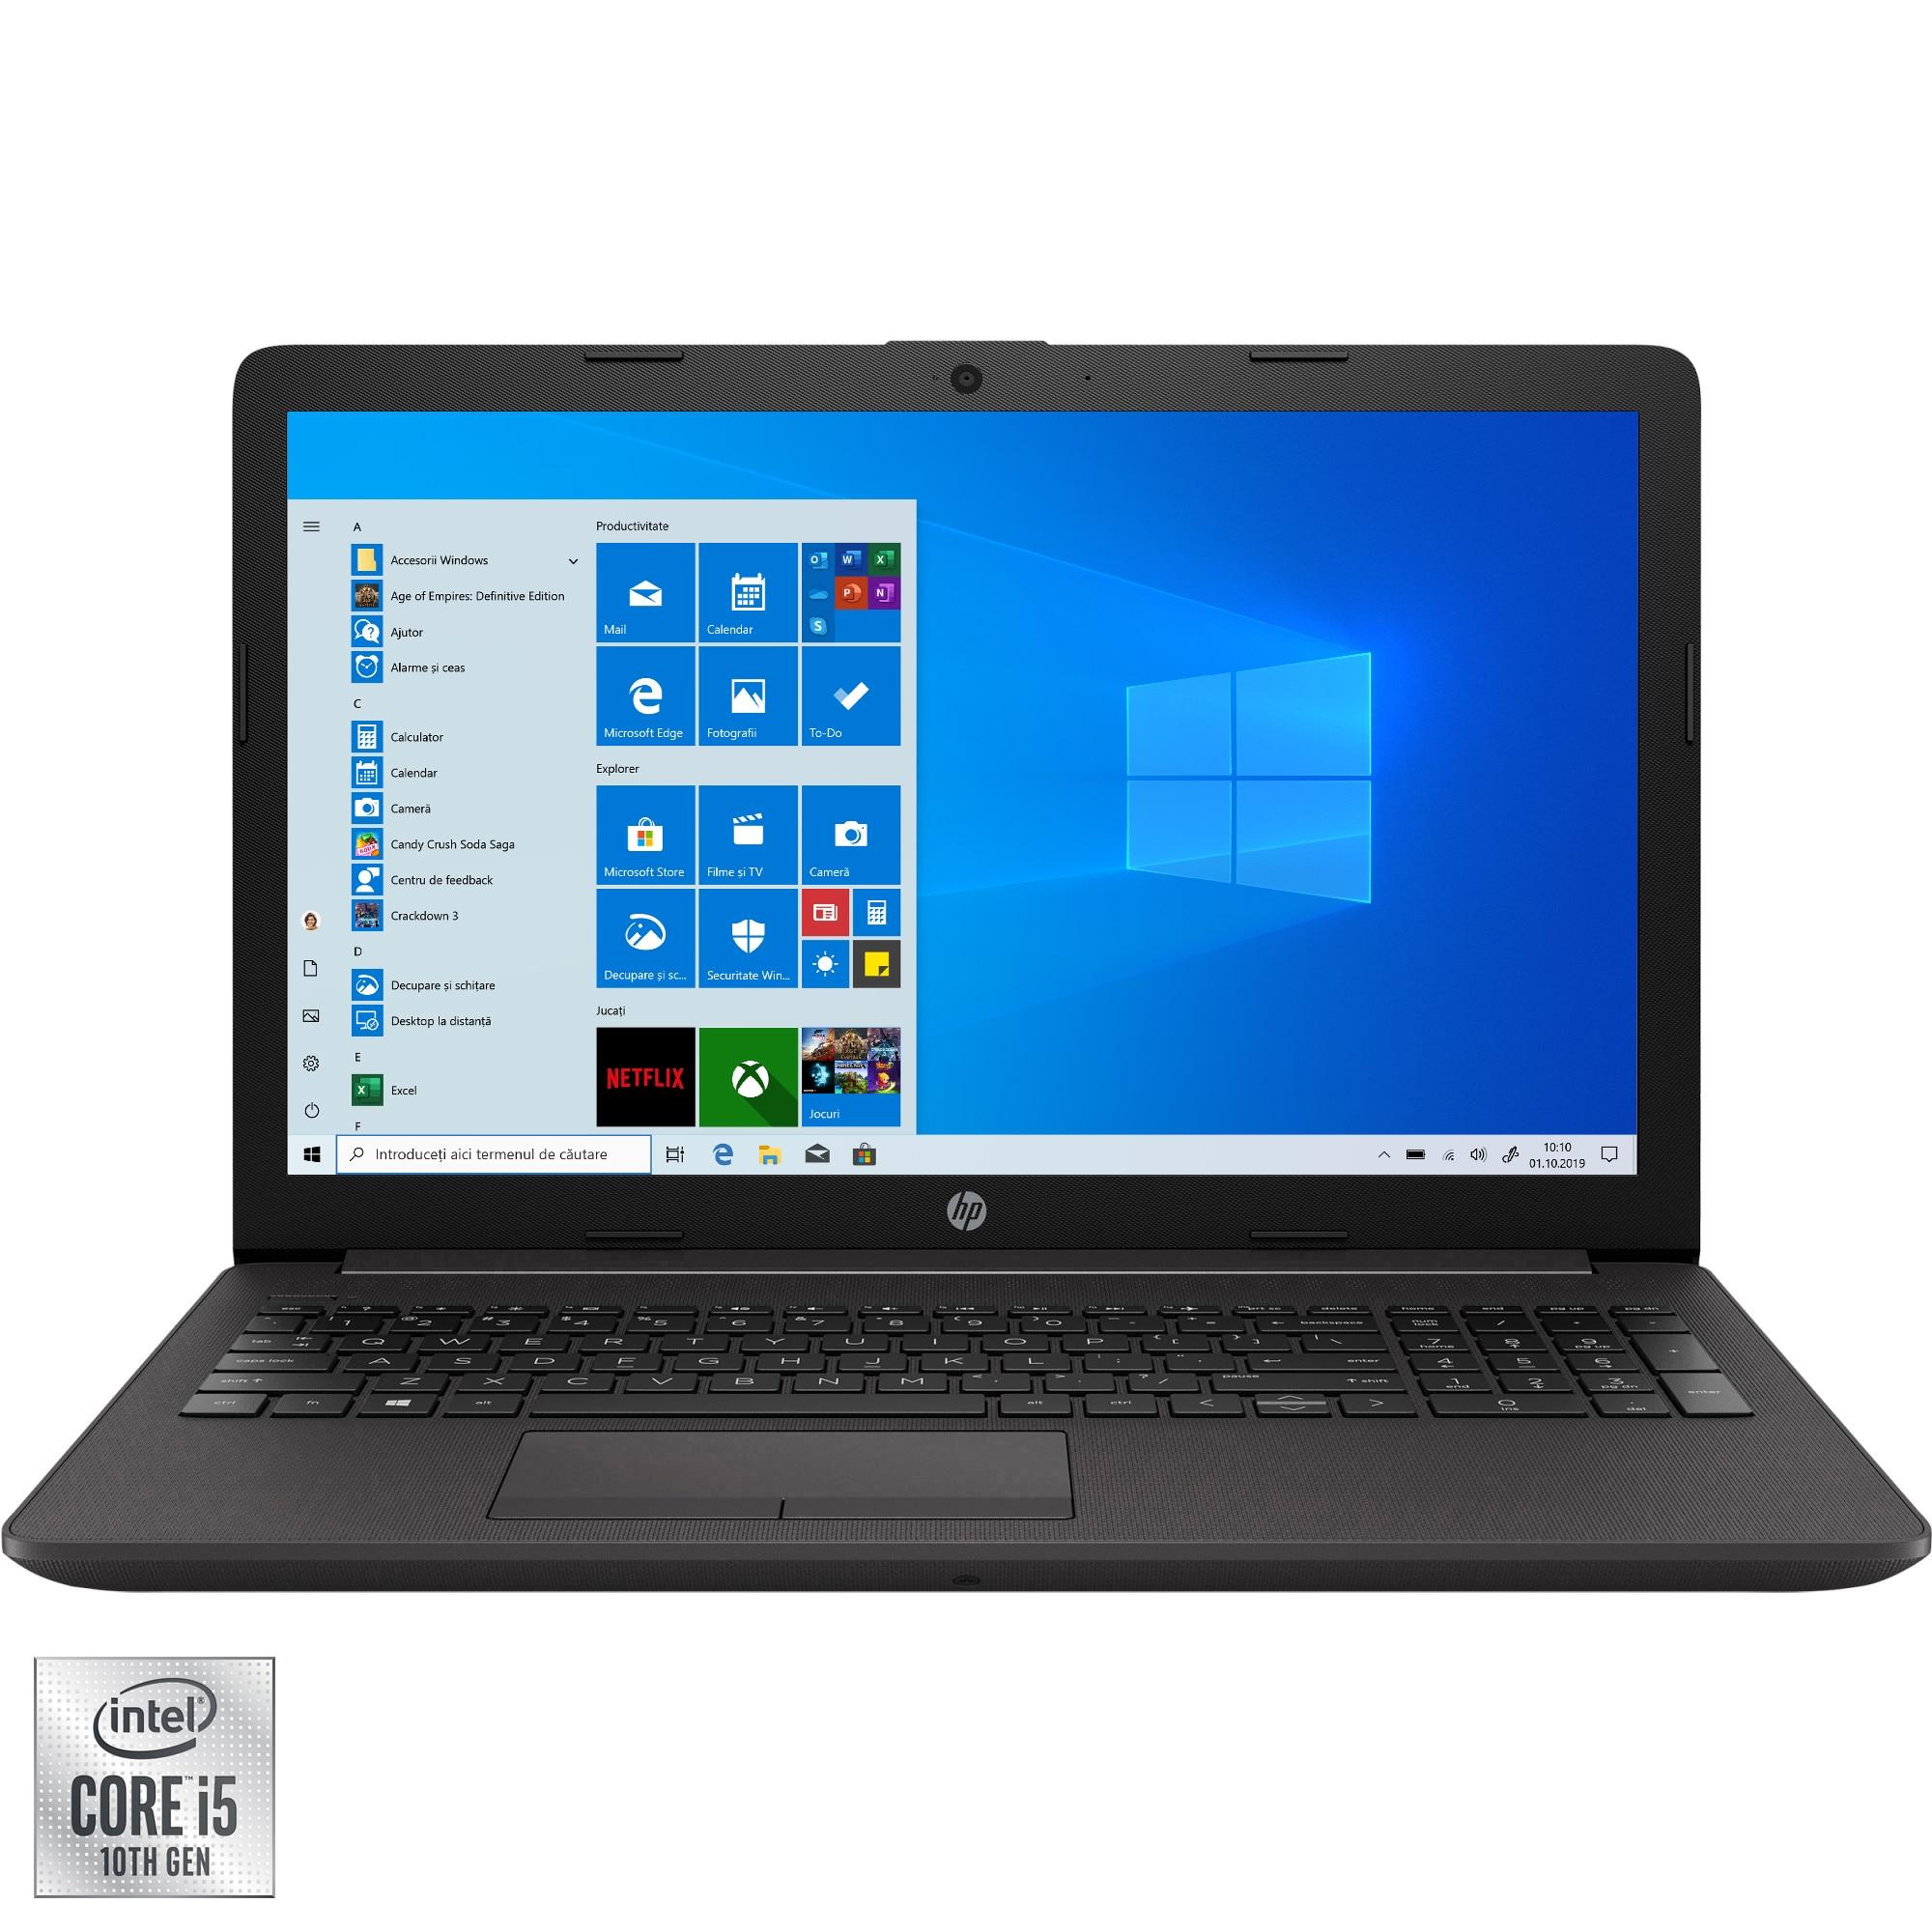 """Fotografie Laptop HP 250 G7 cu procesor Intel® Core™ i5-1035G1 pana la 3.60 GHz, 15.6"""", Full HD, 8GB, 256GB SSD, NVIDIA GeForce MX110 2GB, Windows 10 Pro Silver"""